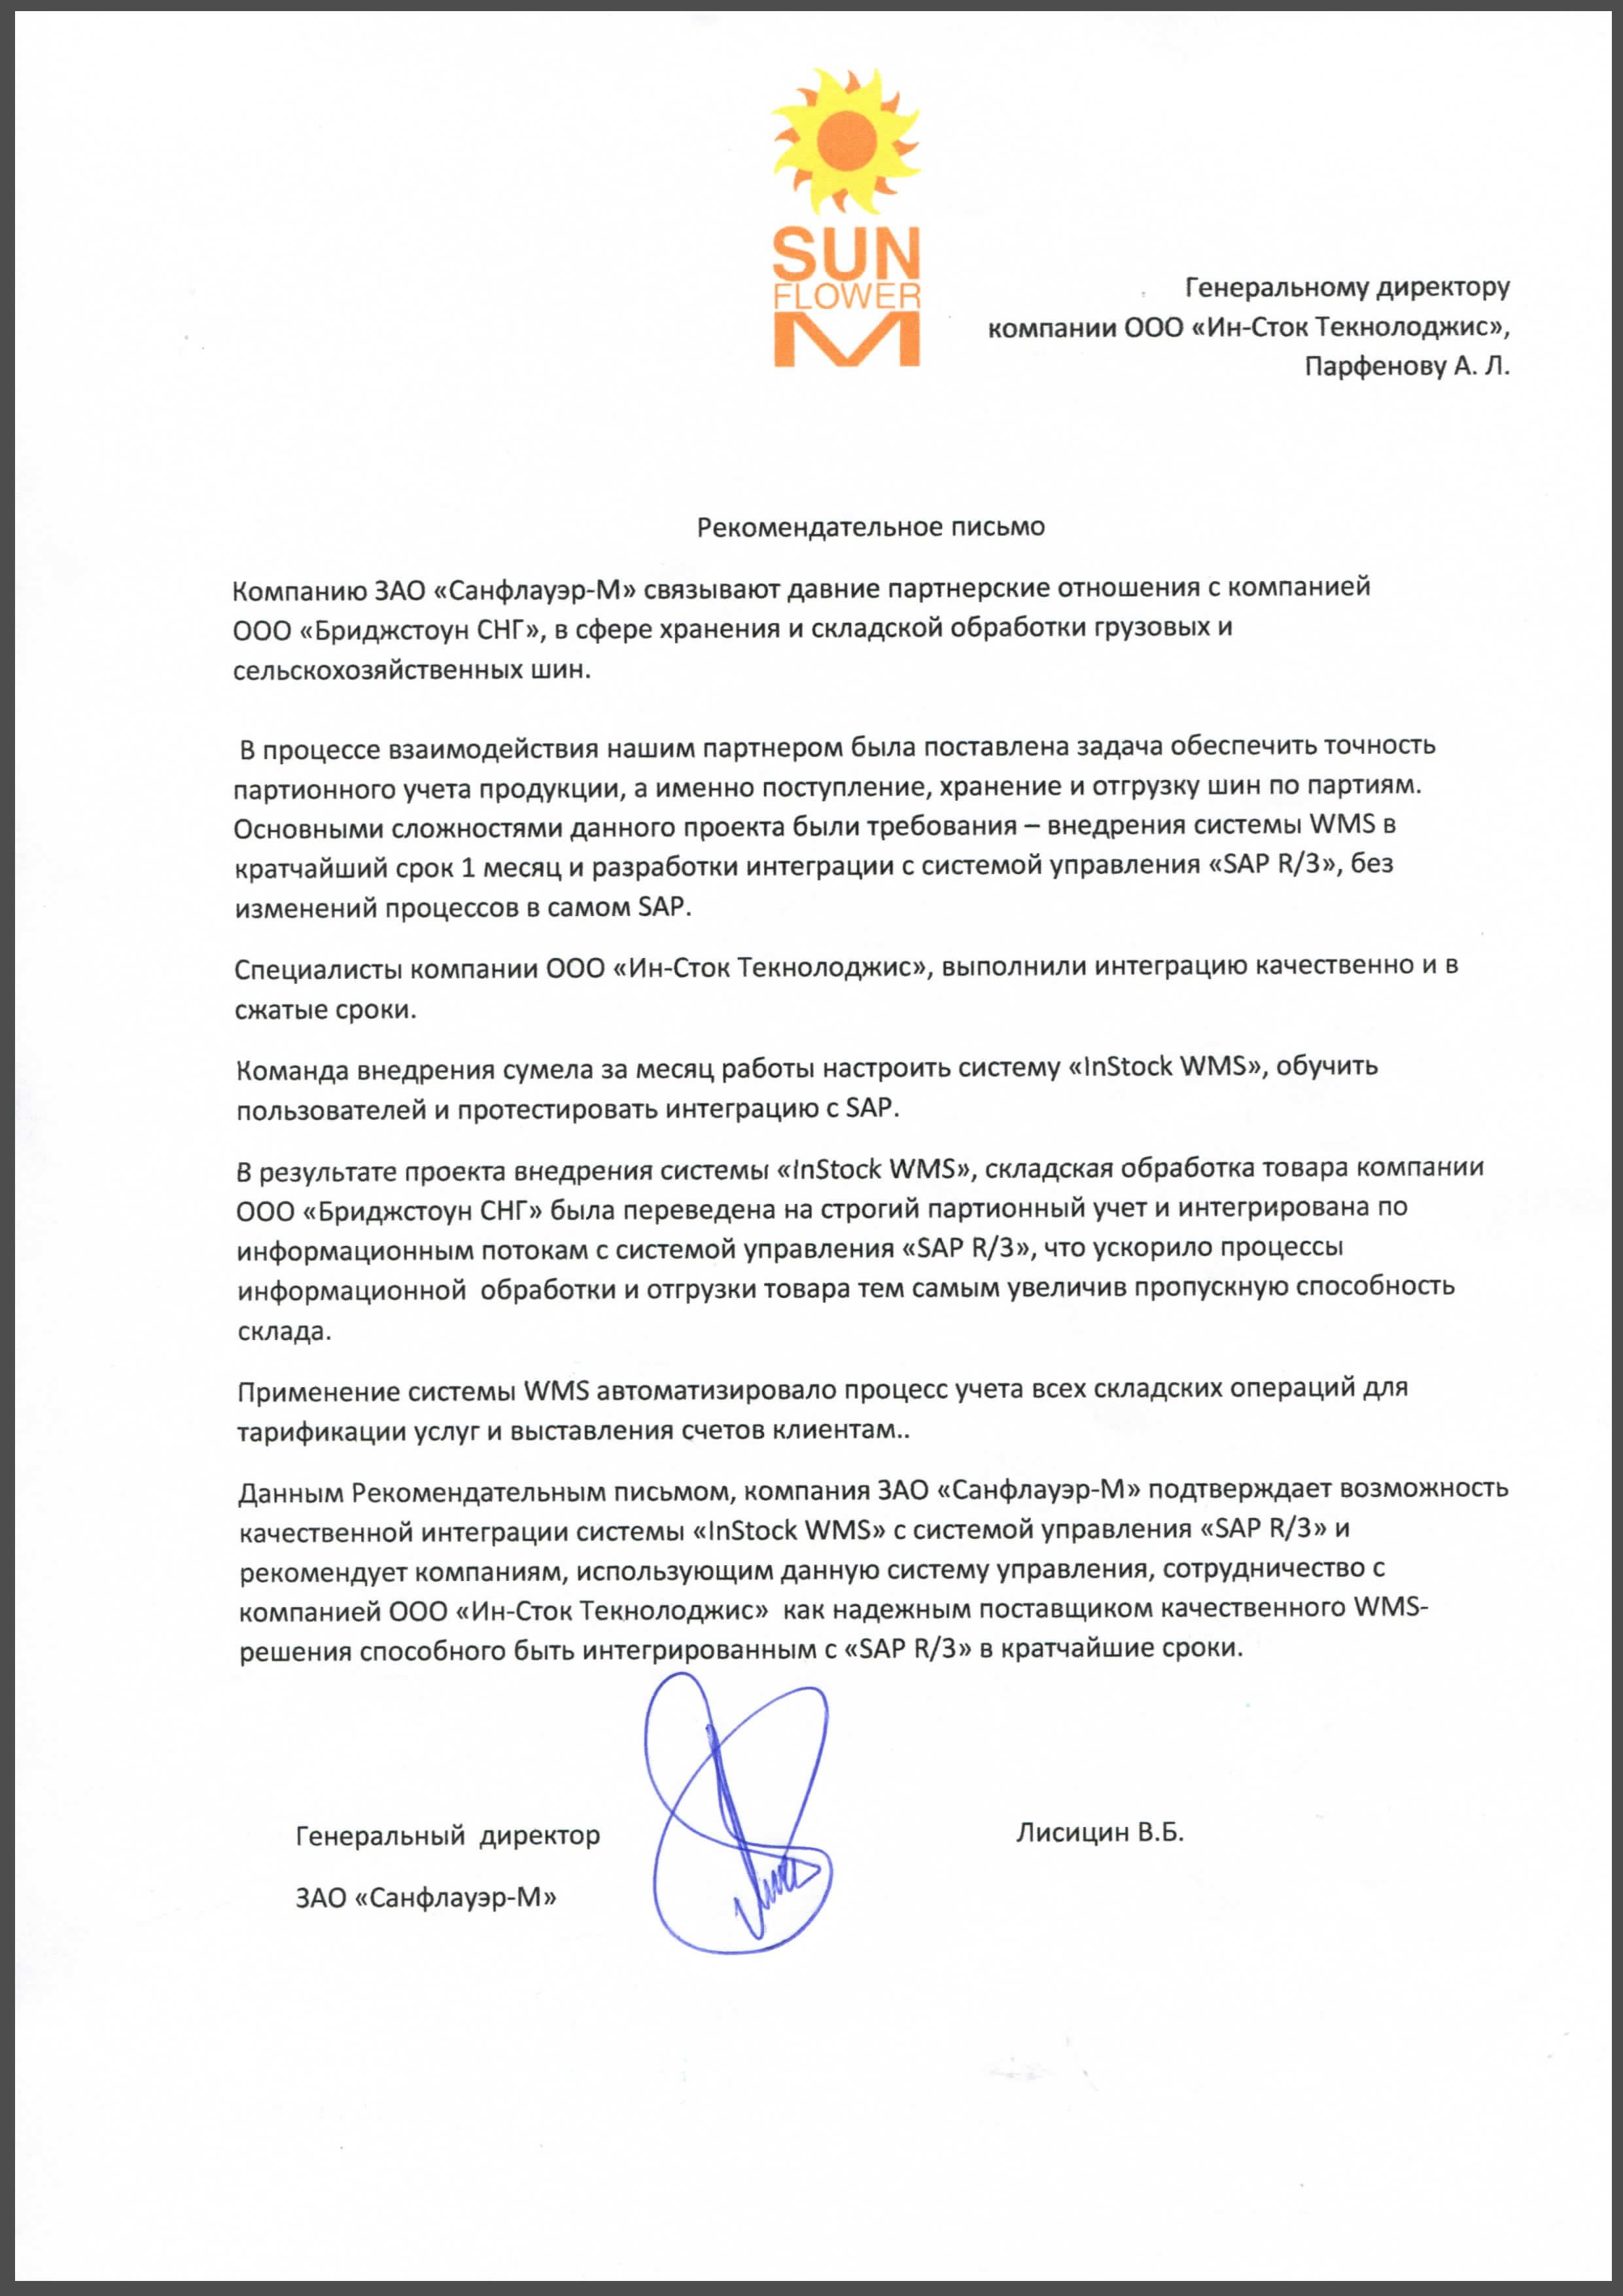 Рекомендательное письмо от ЗАО Санфлауэр-М